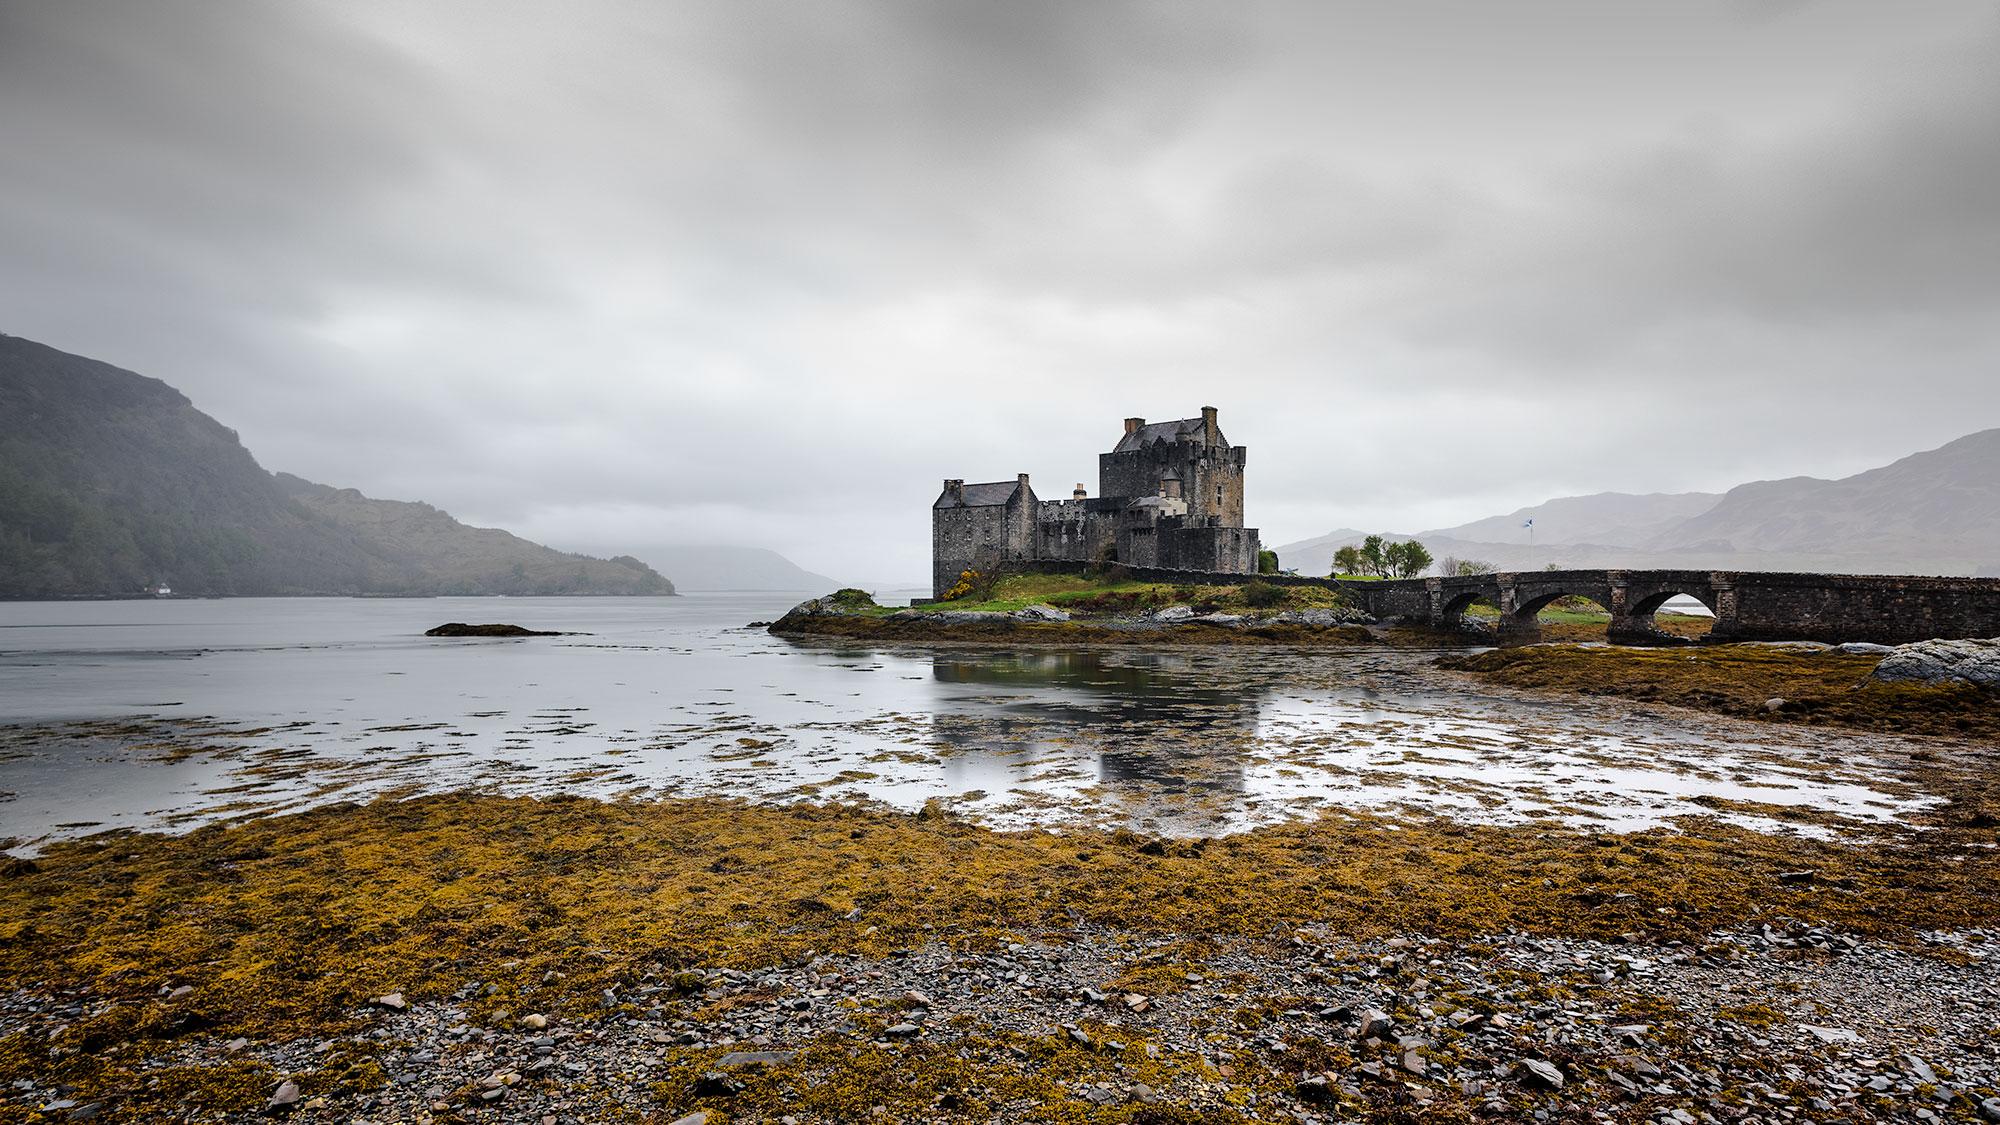 Fine art photography of Eilean Donan castle on Skye Island taken by landscape photographer Jennifer Esseiva.